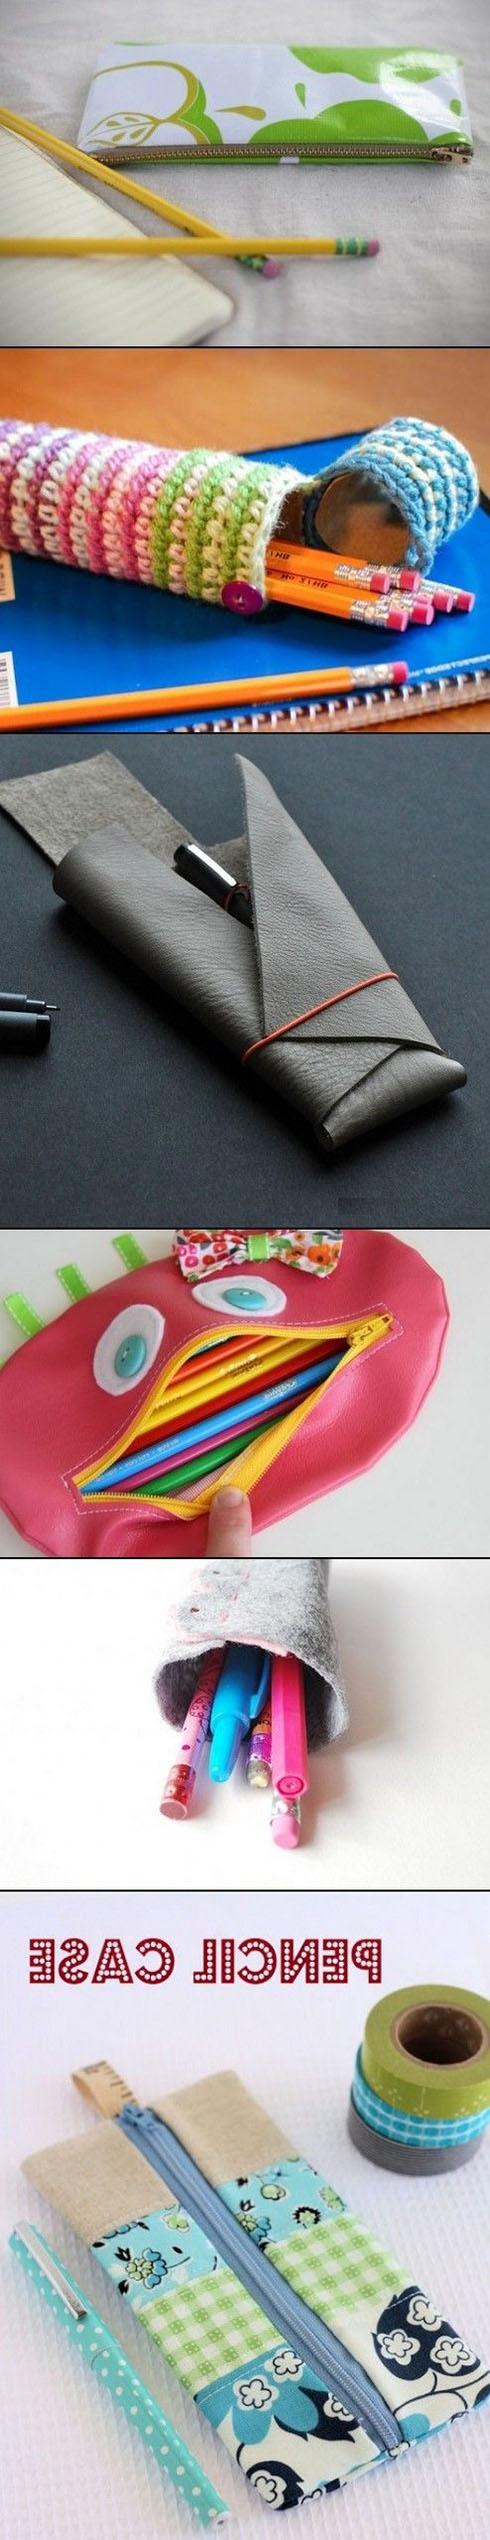 Pencil Cases11